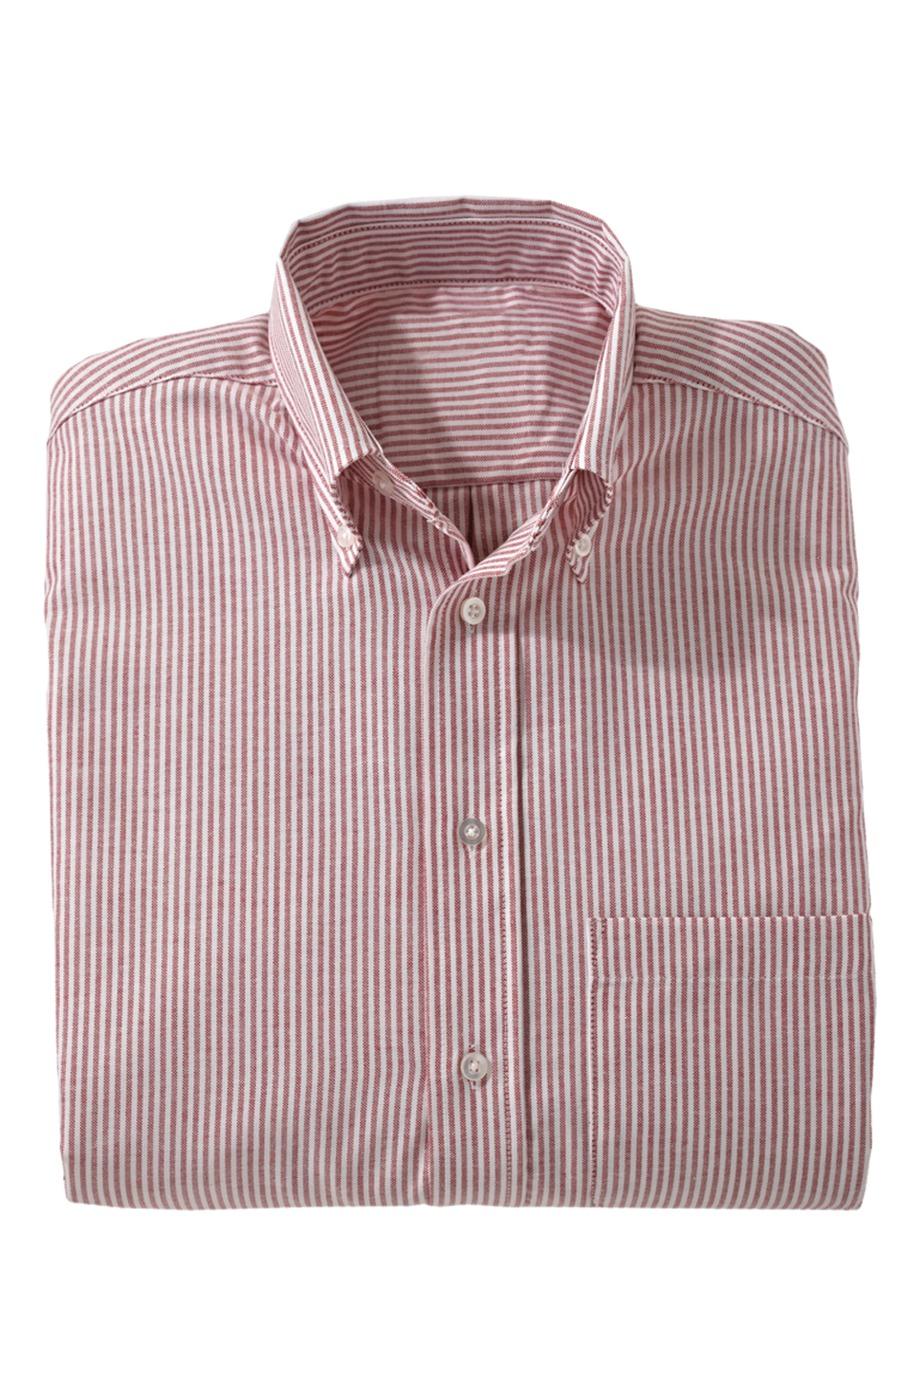 Edwards Garment 5027 - Women's Short Sleeve Dress Button Down Oxford